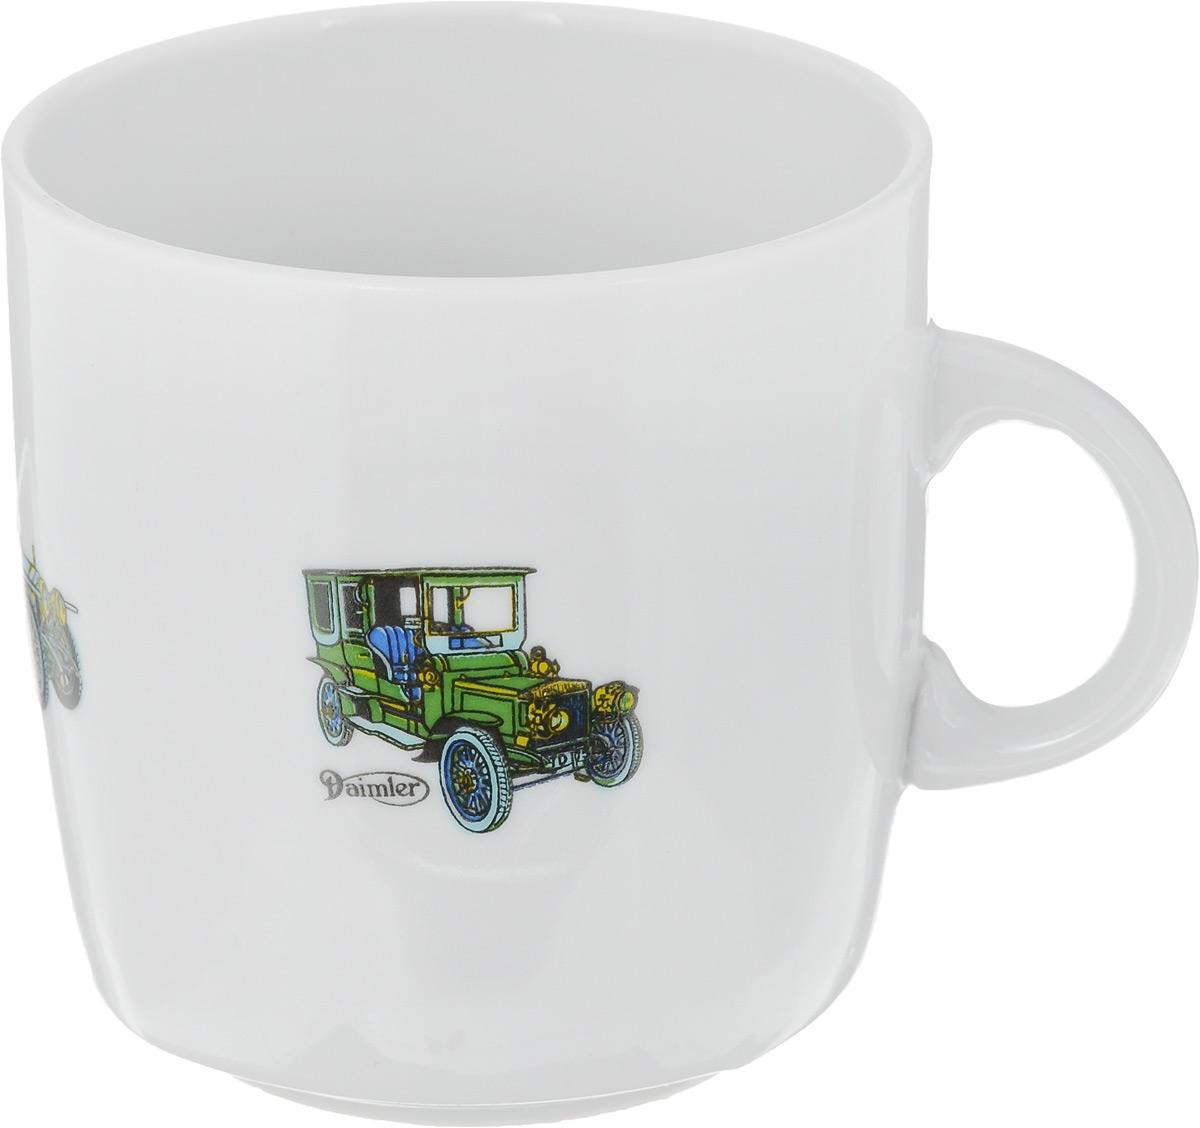 Кружка Фарфор Вербилок Маленькие машинки, цвет: белый, зеленый, синий, 210 мл8712720_белый, зеленый, синийКружка Фарфор Вербилок Маленькие машинки способна скрасить любое чаепитие. Изделие выполнено из высококачественного фарфора. Посуда из такого материала позволяет сохранить истинный вкус напитка, а также помогает ему дольше оставаться теплым.Диаметр кружки (по верхнему краю): 7 см.Высота кружки: 7,5 см.